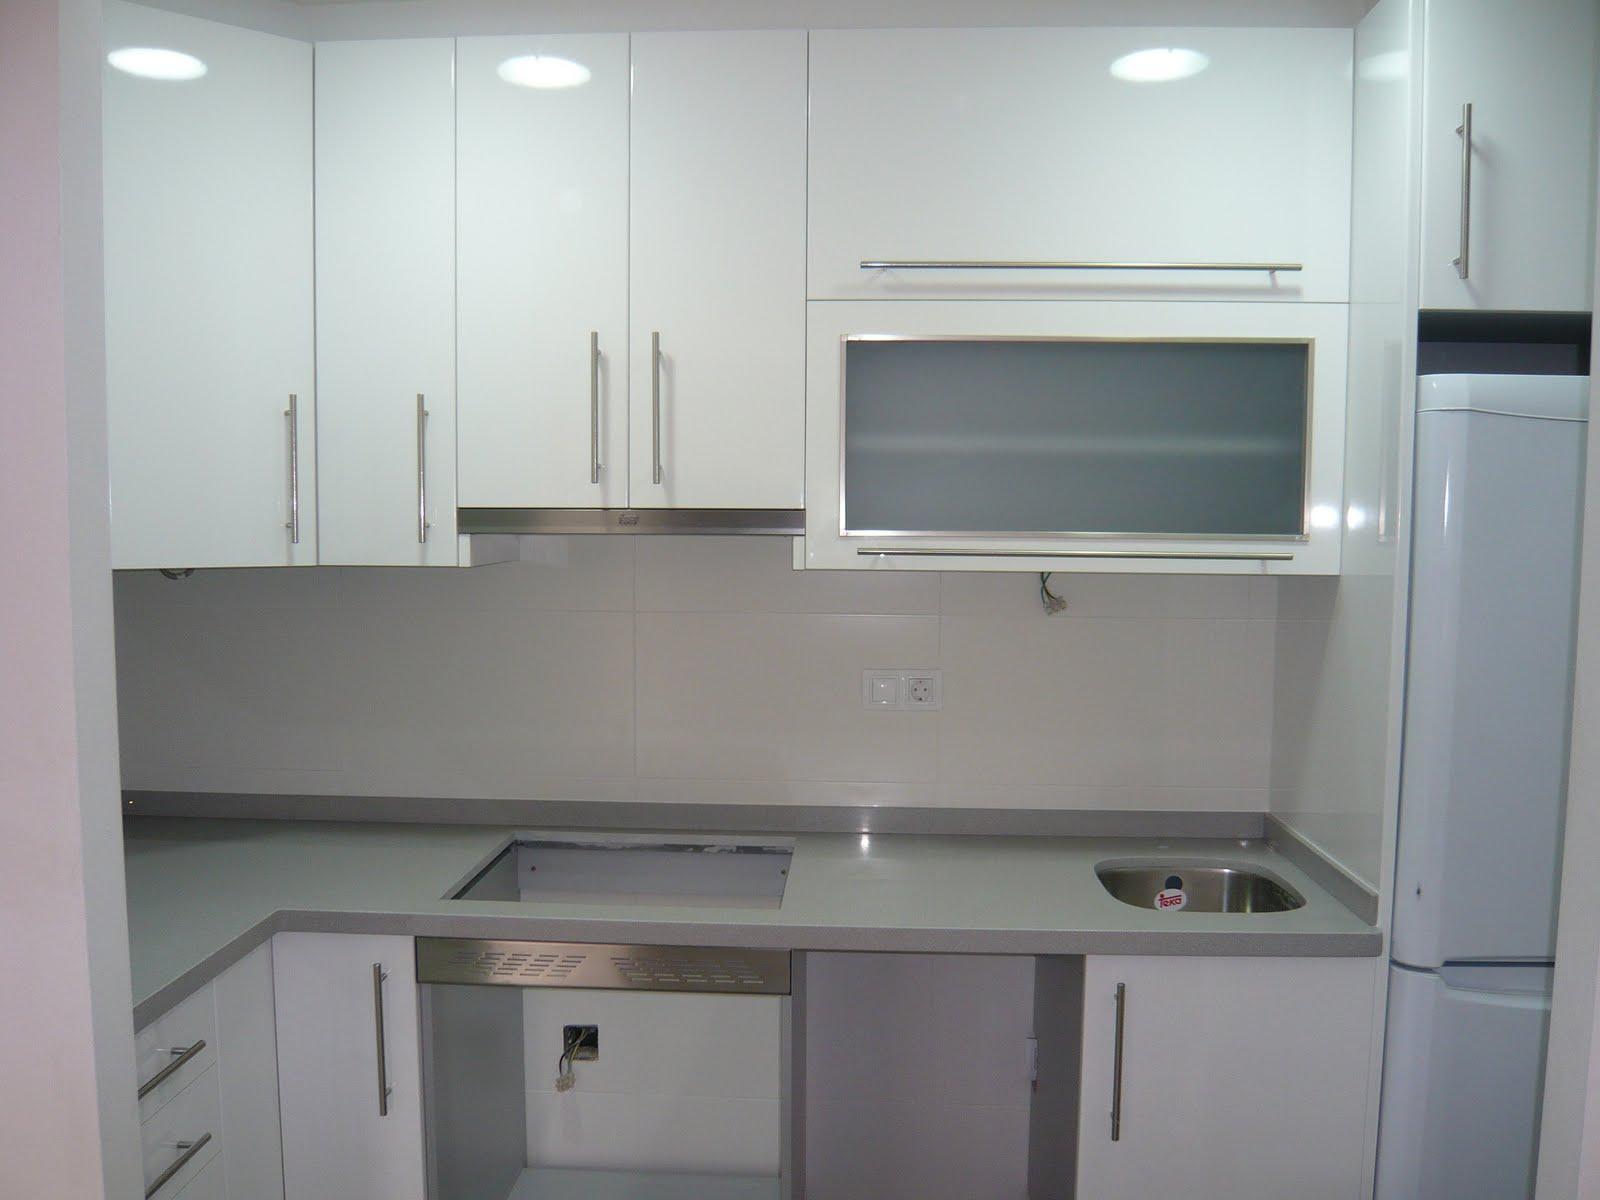 Reuscuina cocina en formica blanca for Cocinas blancas y grises fotos